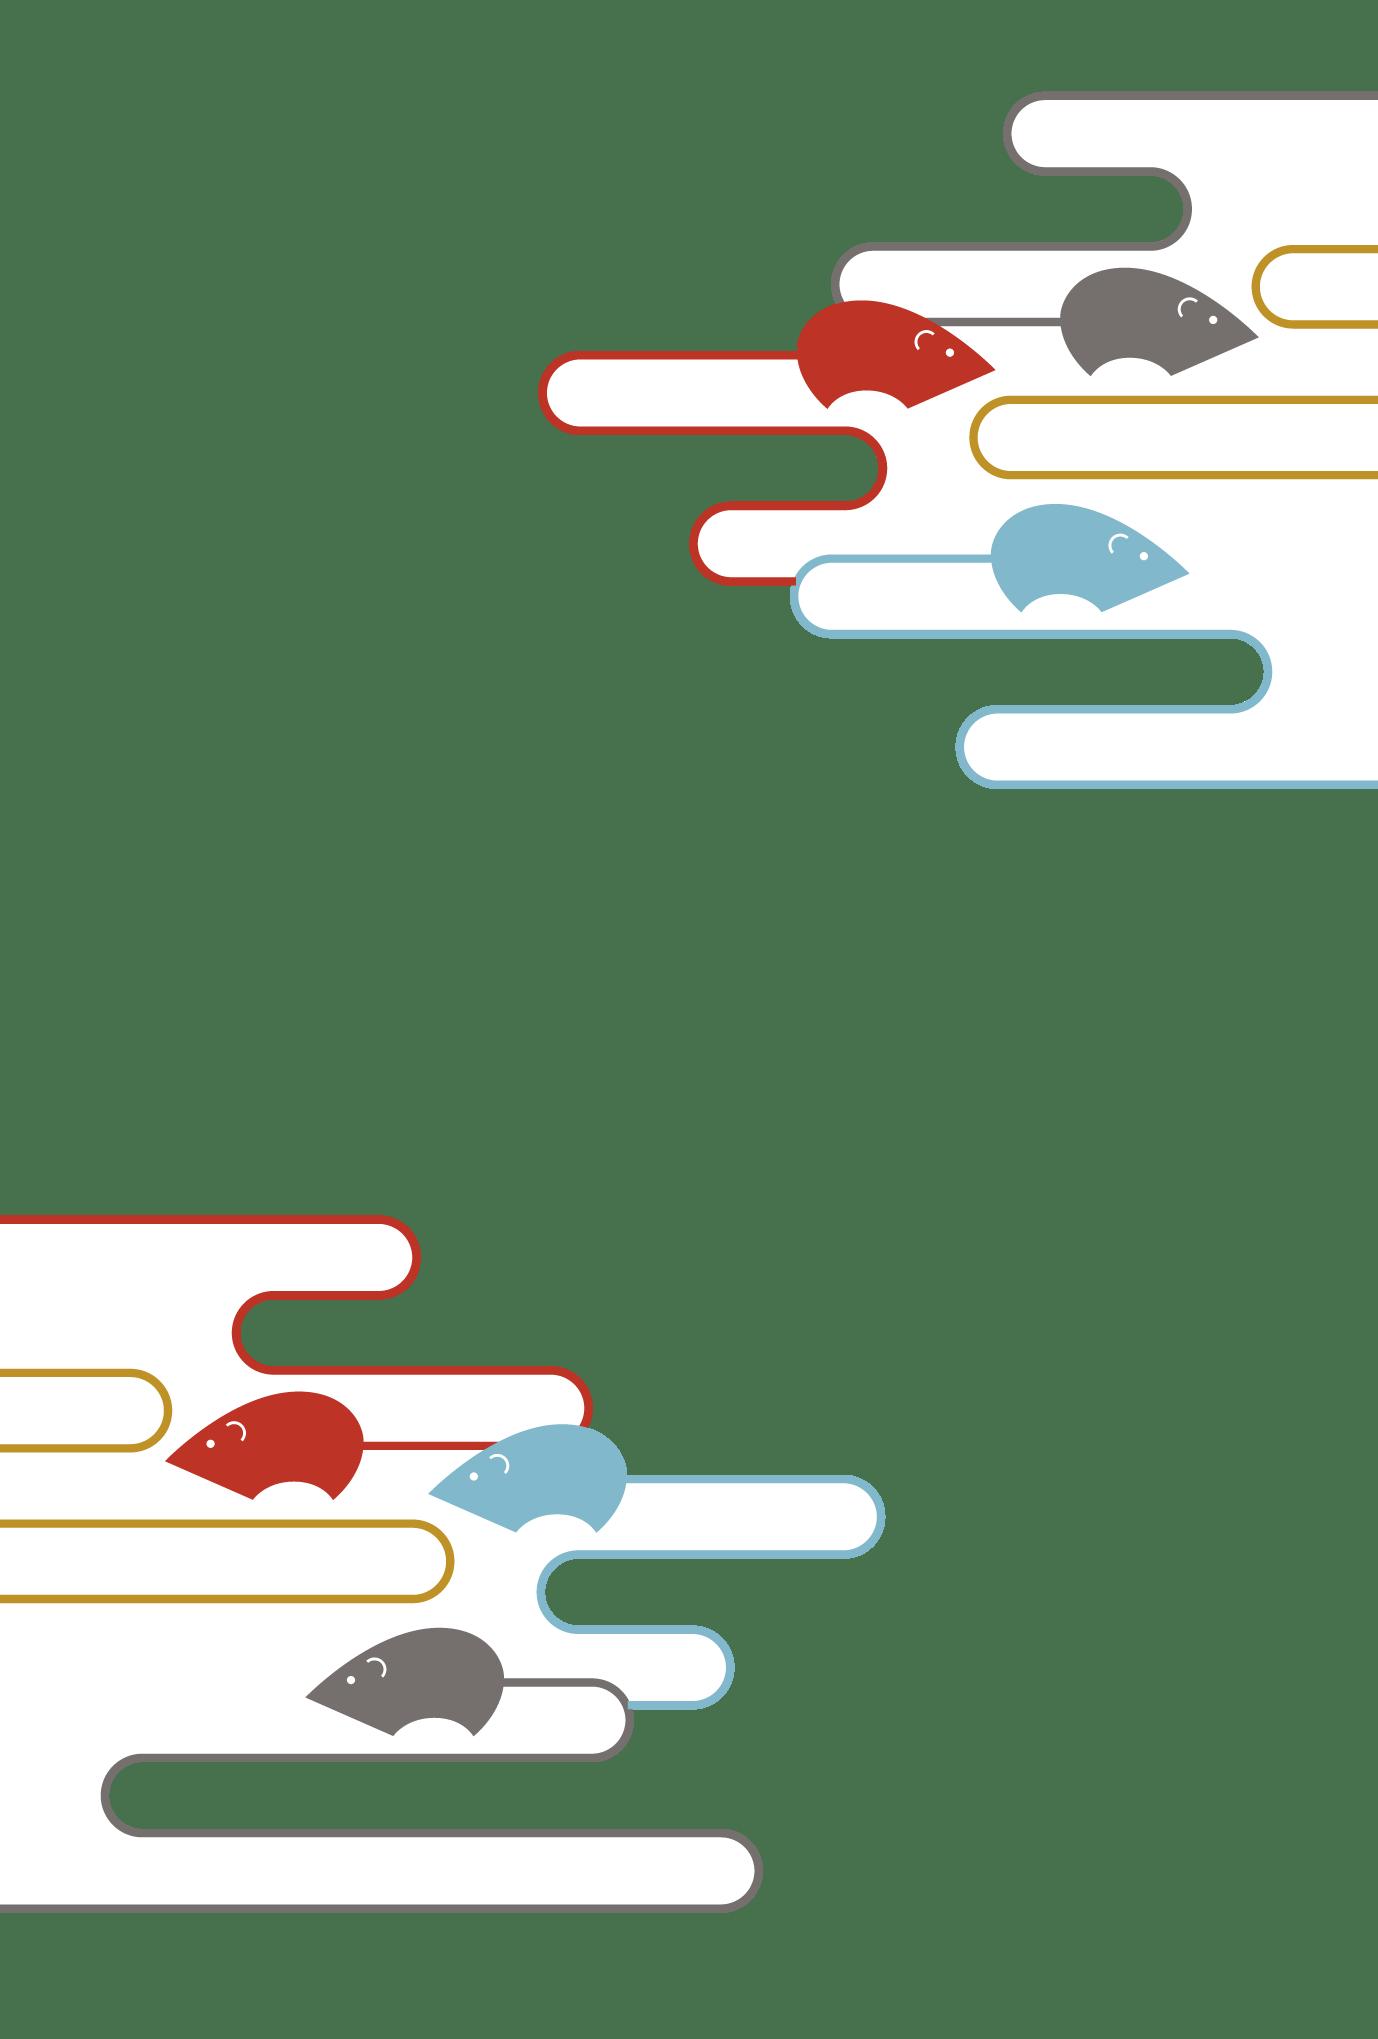 2020年賀状19-2:ネズミクラウド(透過)三色のダウンロード画像